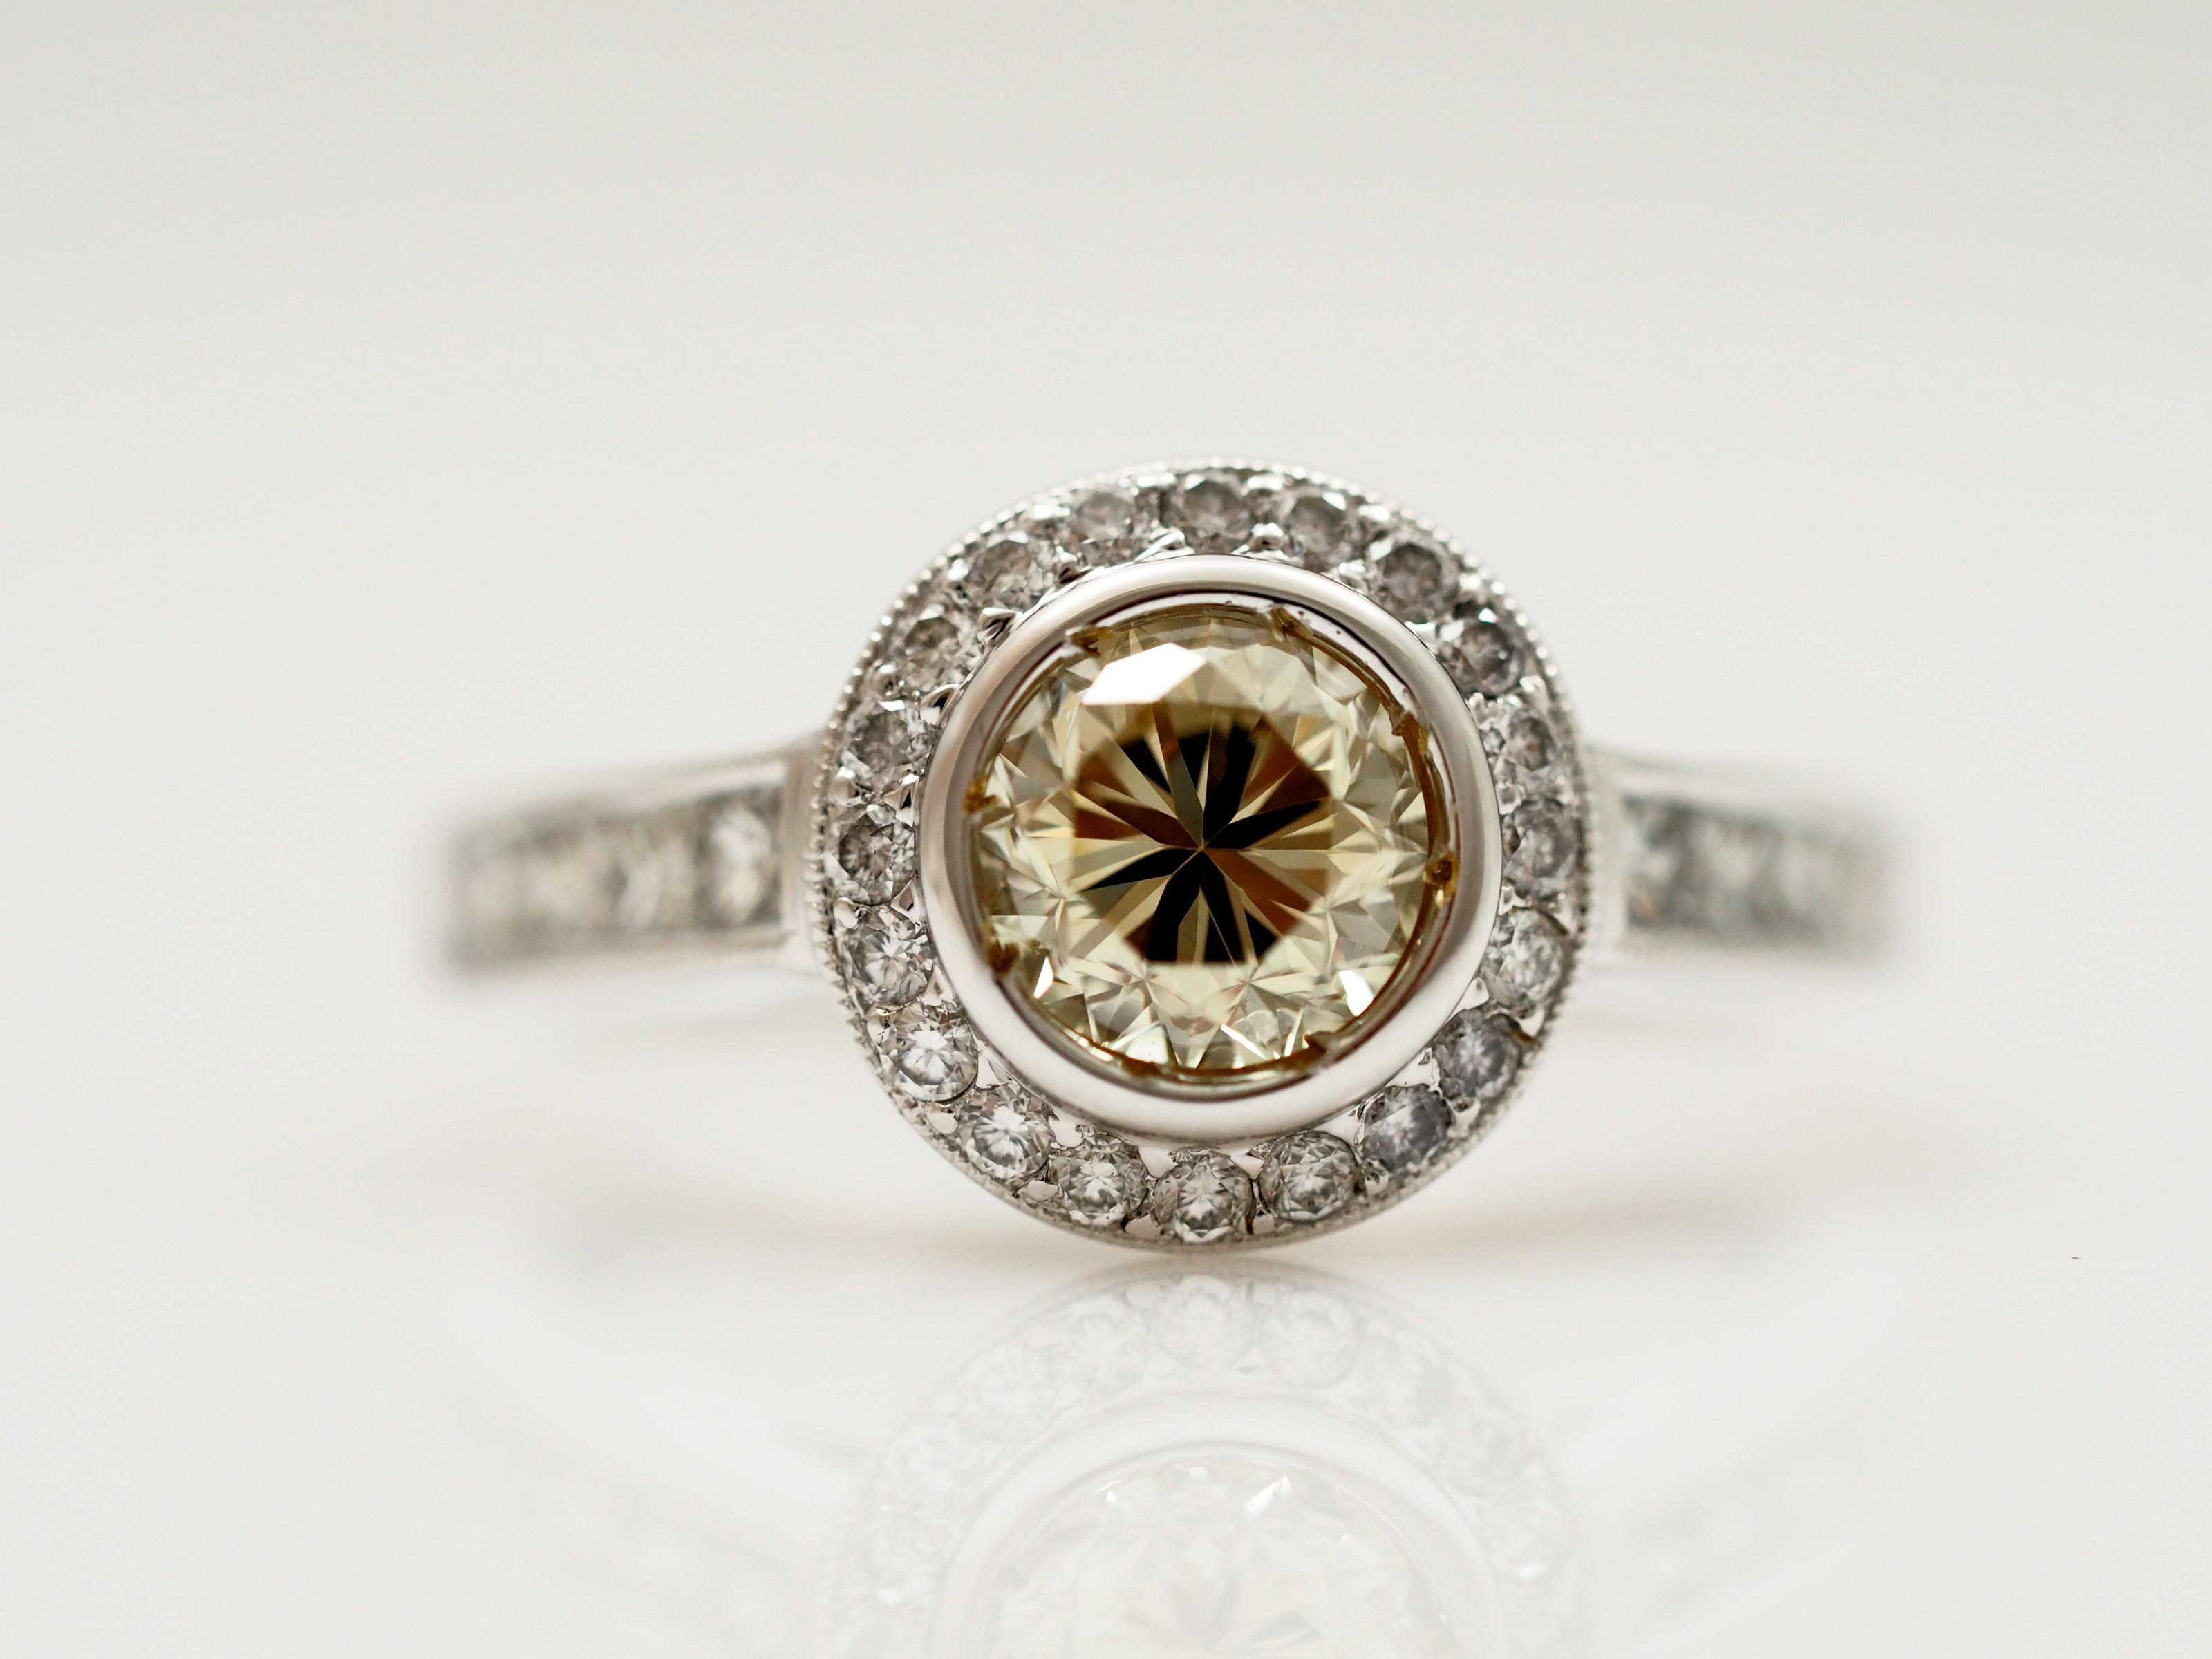 ring mit 1 78 karat brillanten diamanten 750 gold wert ca eur ebay. Black Bedroom Furniture Sets. Home Design Ideas